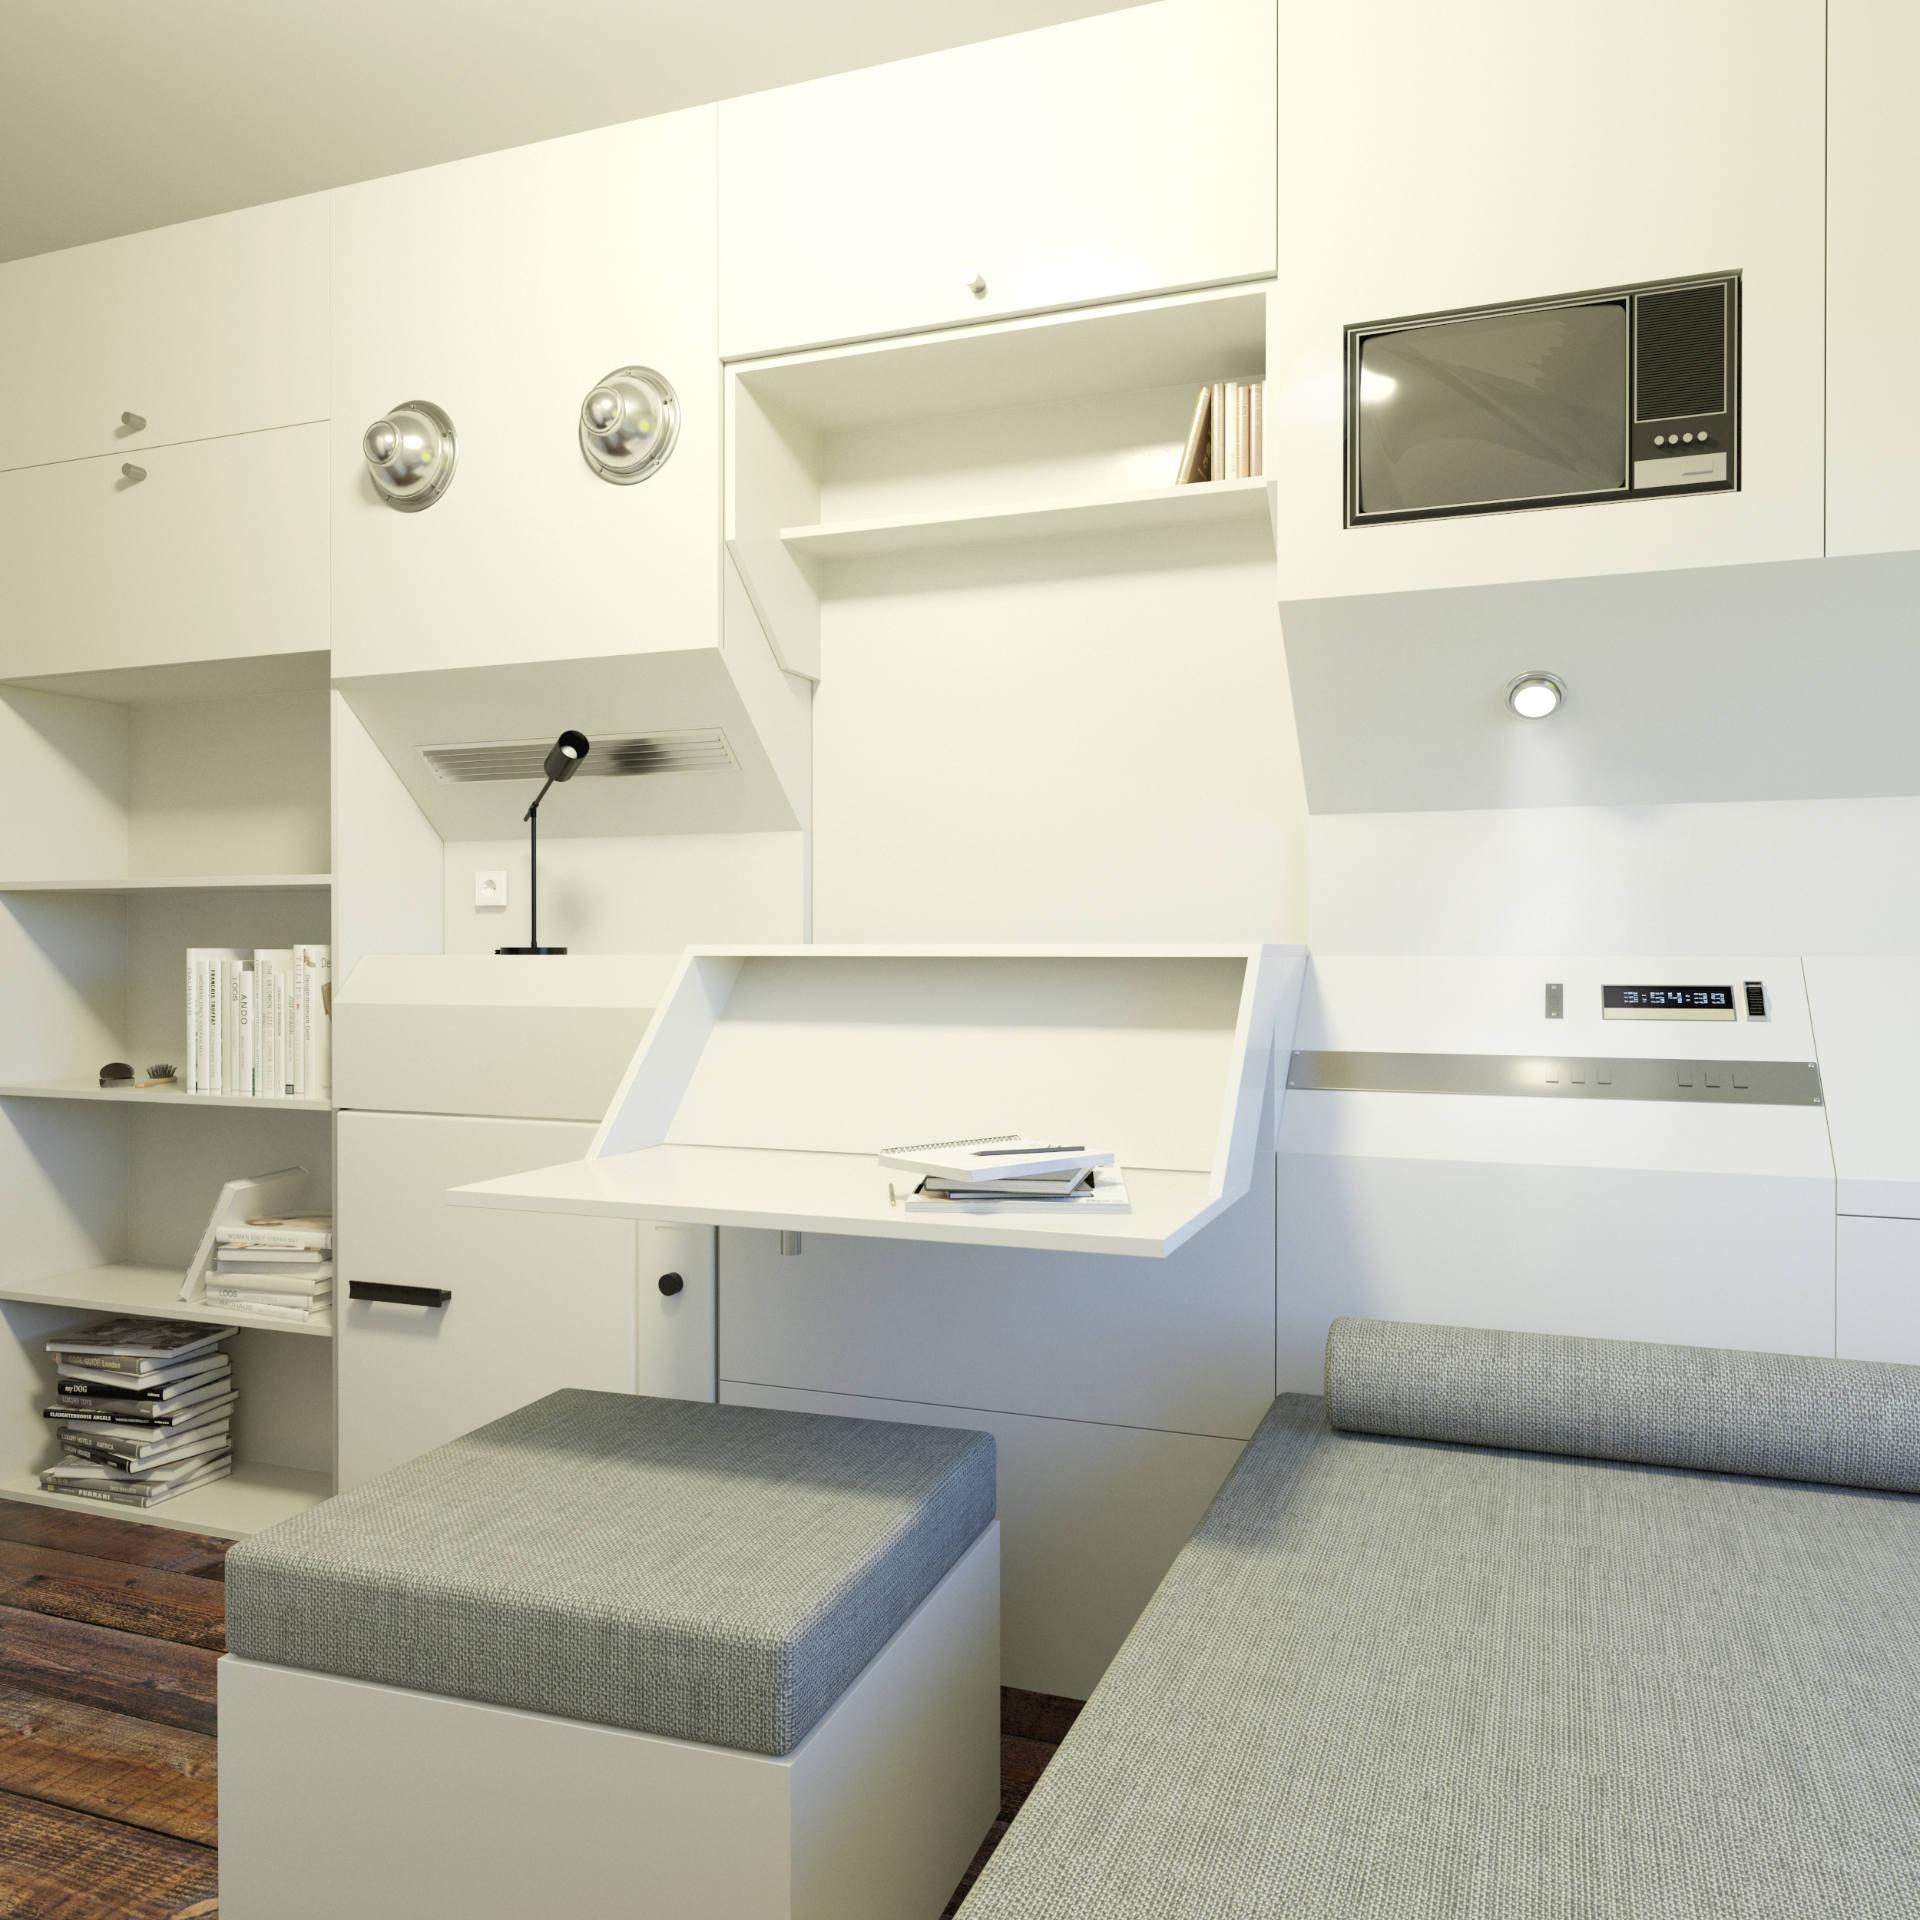 Nakagin Capsule - wizualizacja 3D prezentujące mini biuro kapsułowego hotelu